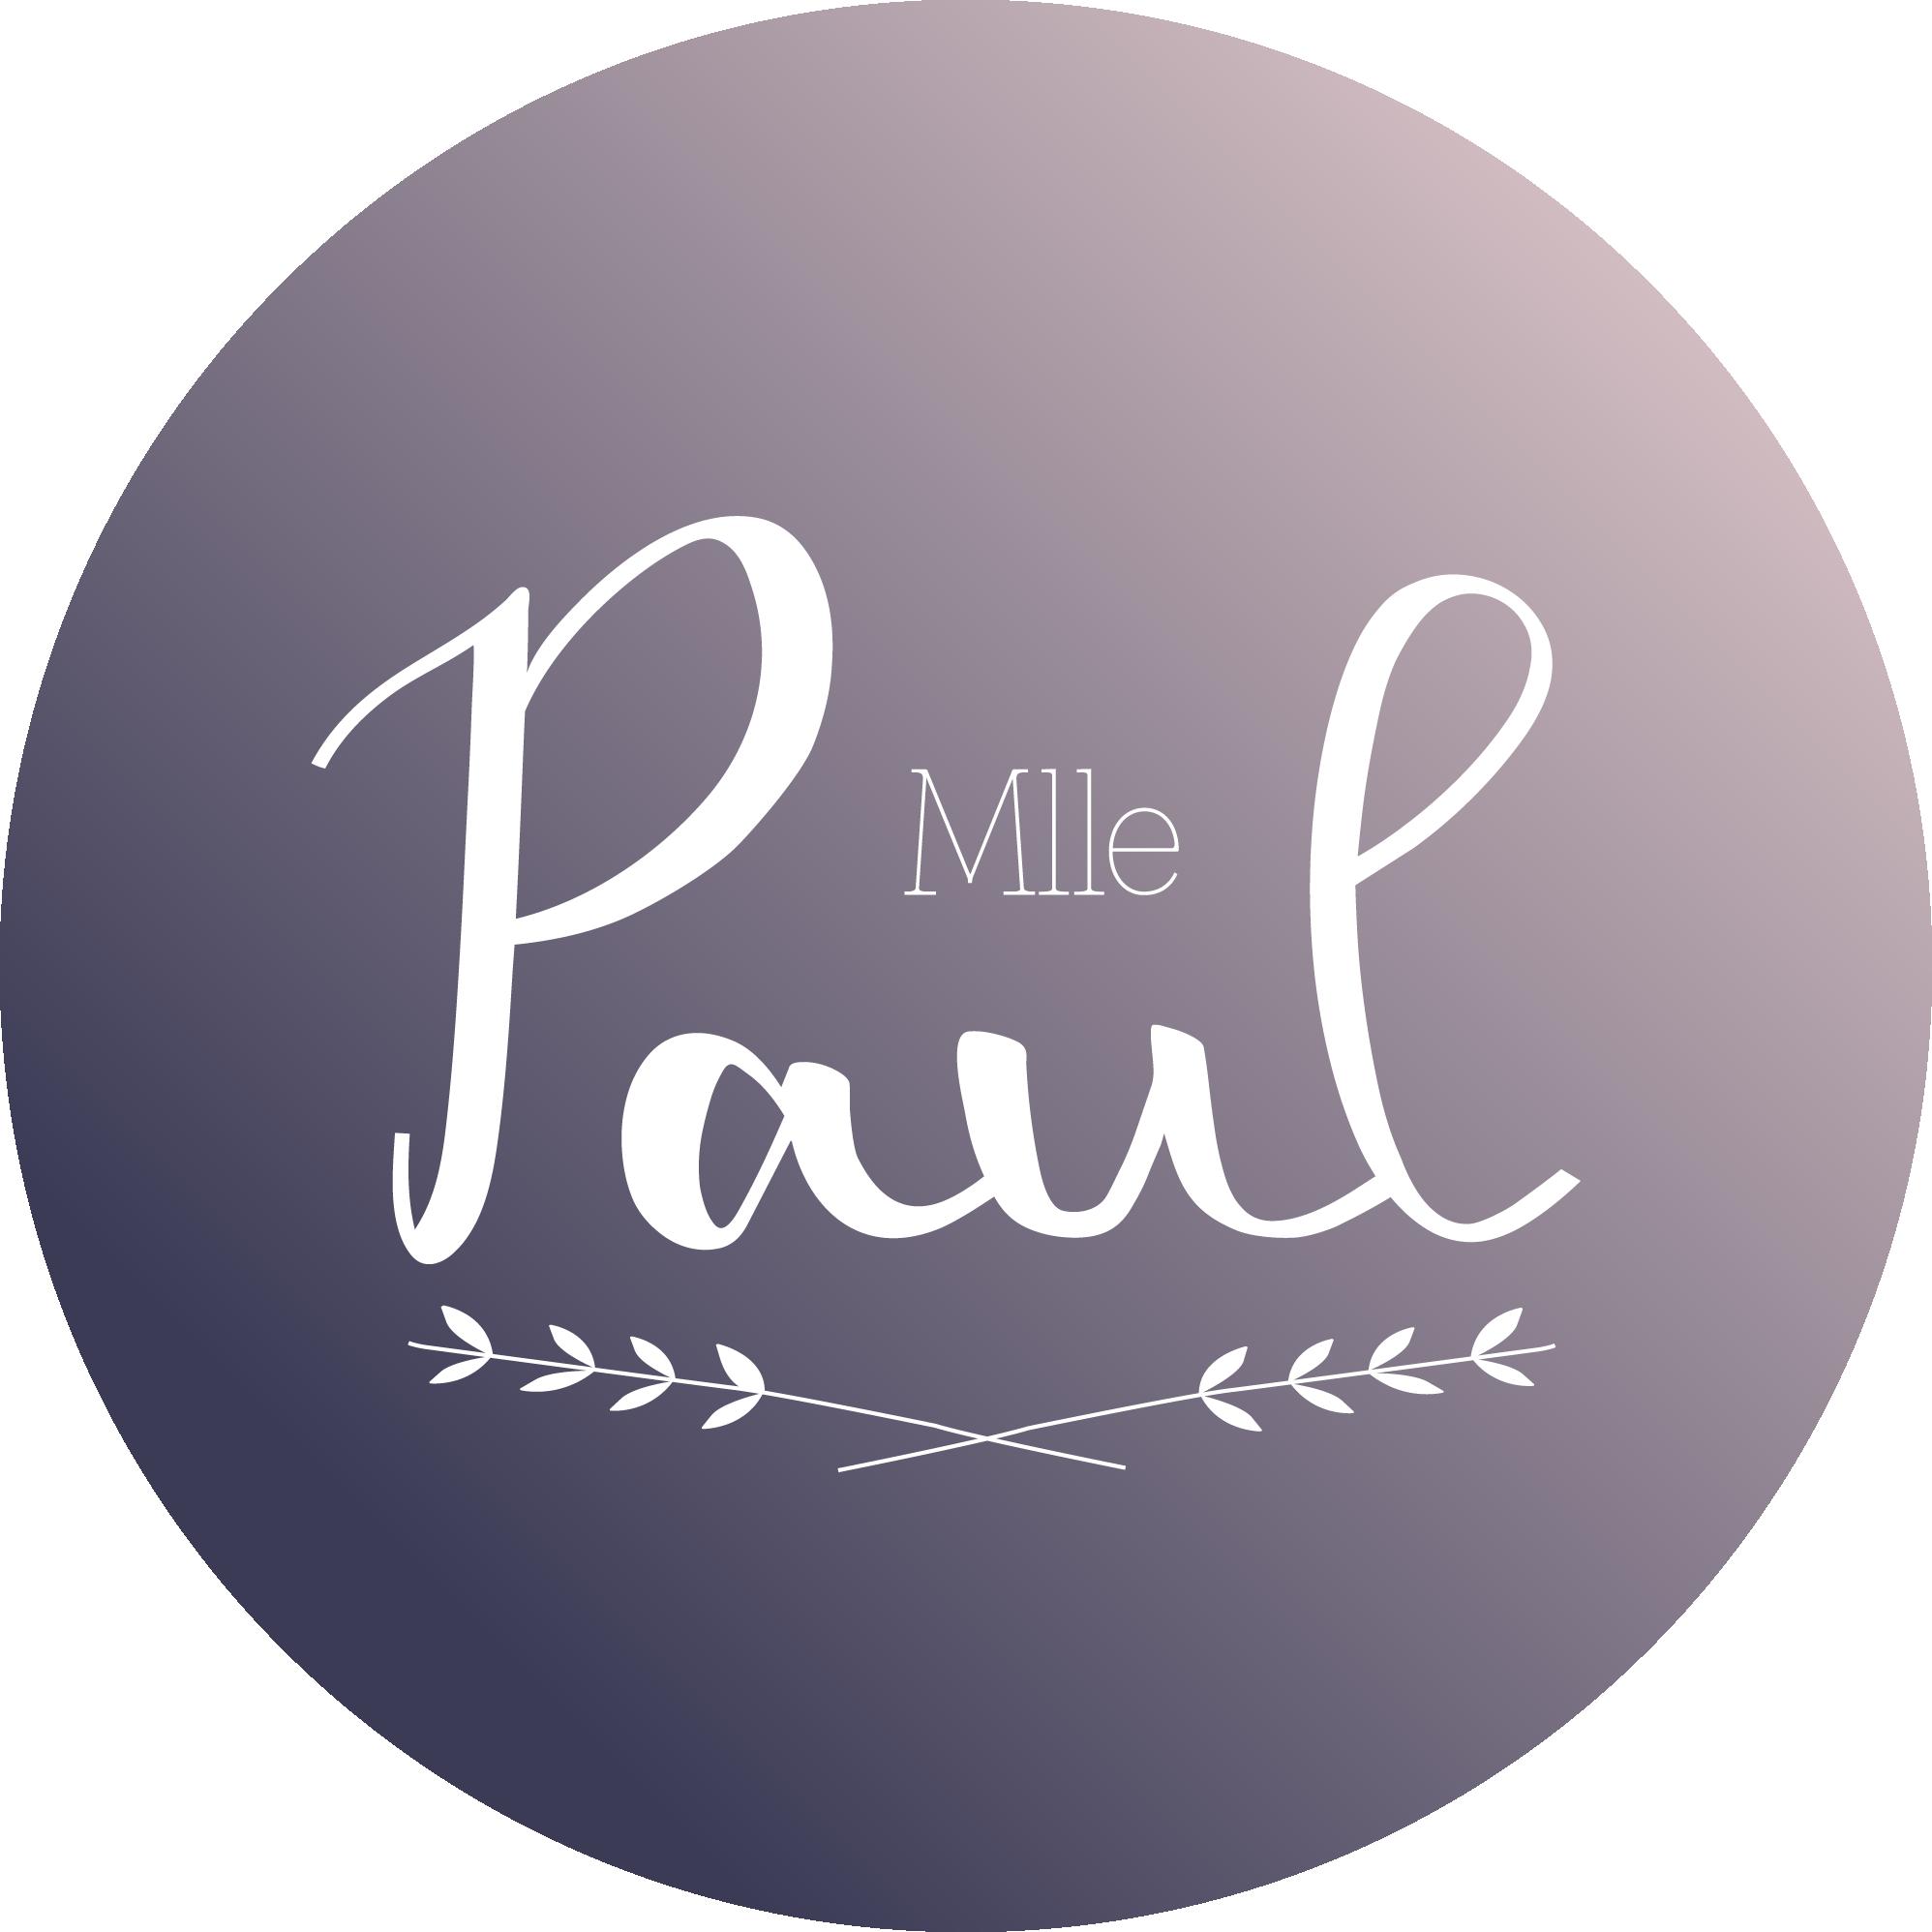 MllePaul - Décoration d'intérieur